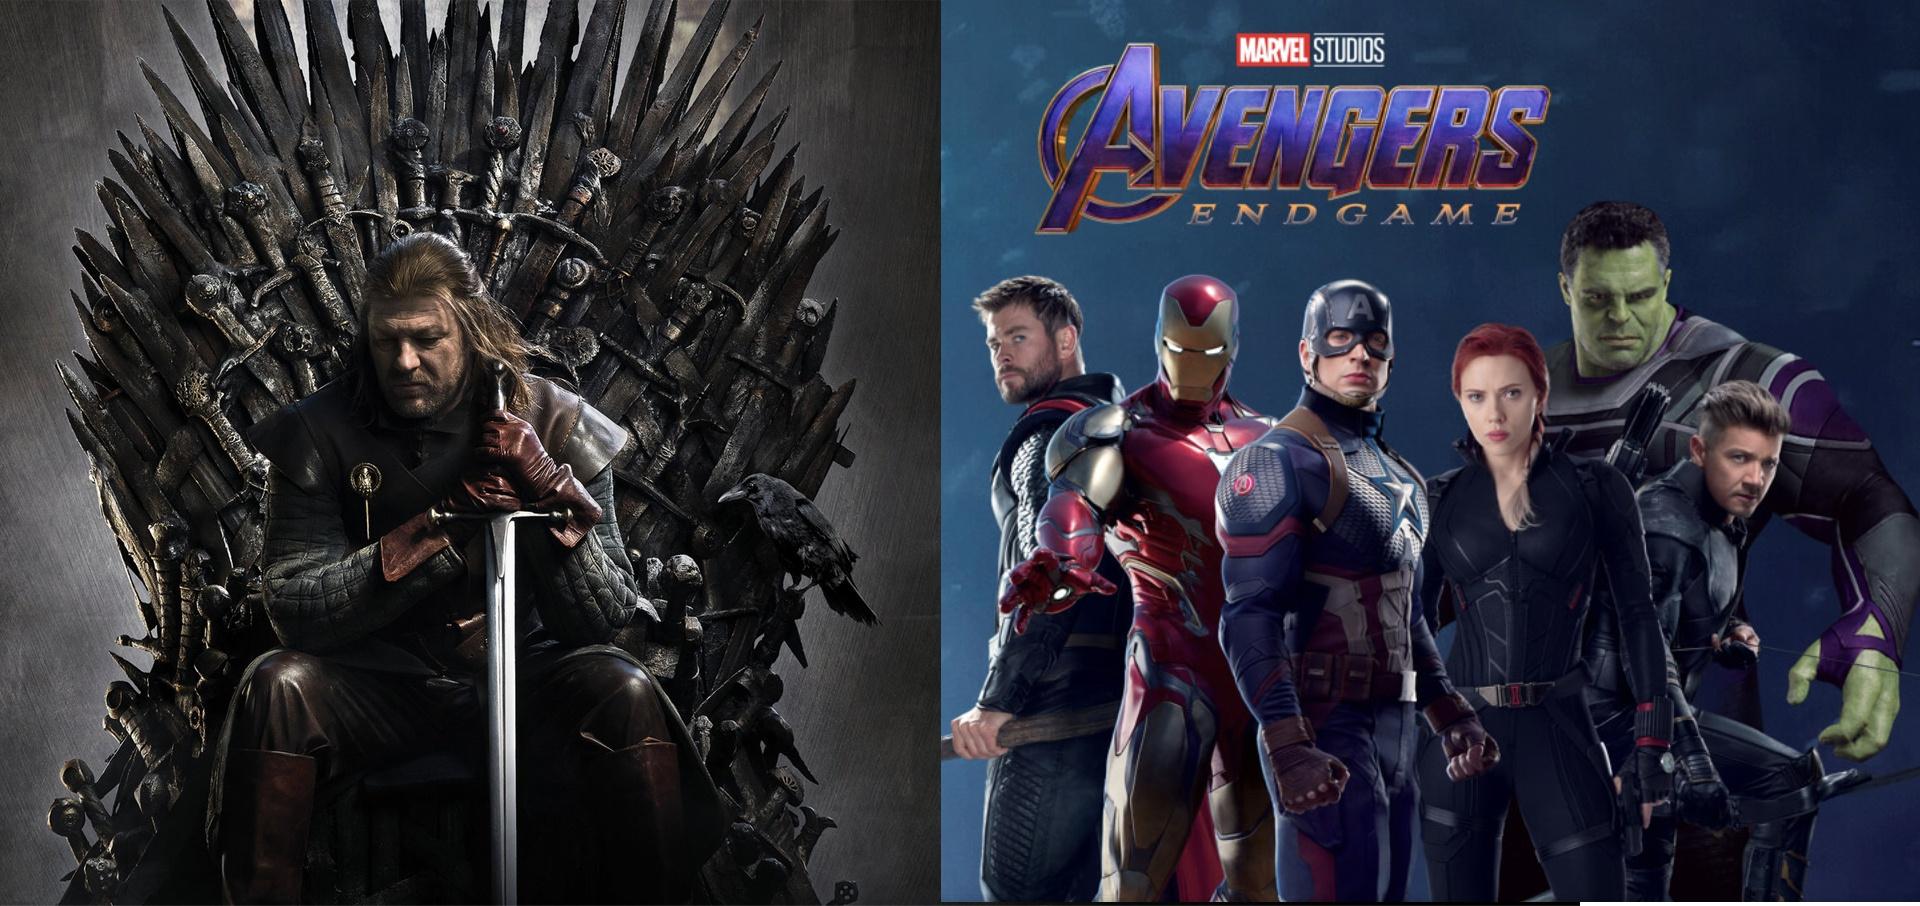 Game of Thrones vs. Avengers